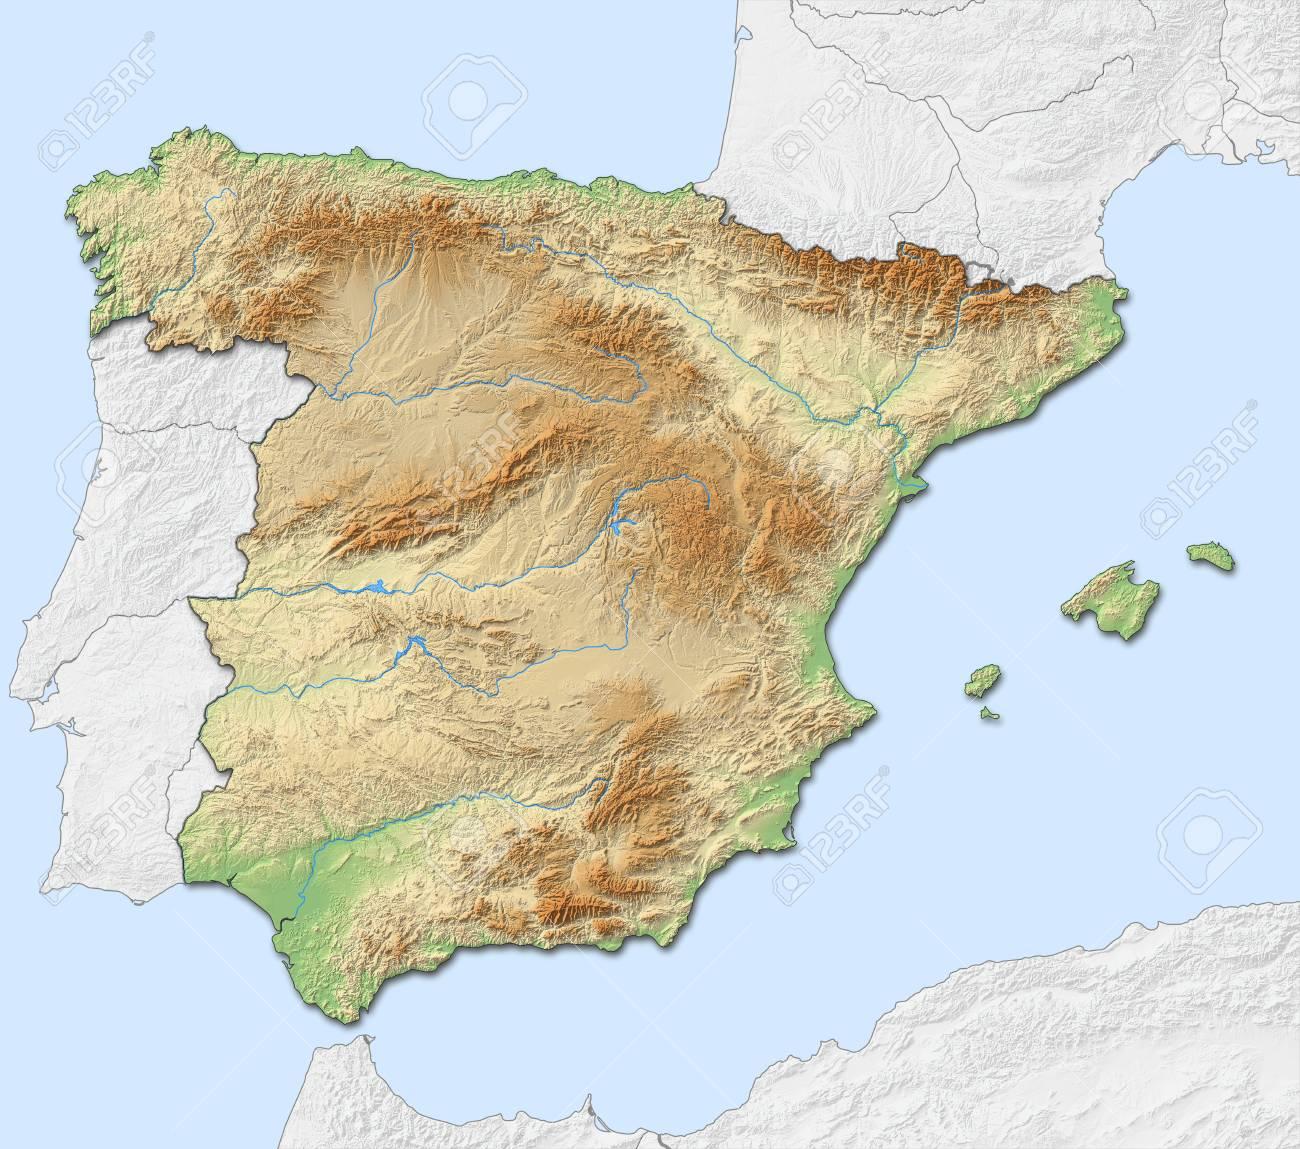 Mapa Relieve De España.Mapa En Relieve De Espana Con Relieves Y Sombreados Los Paises Cercanos Estan En Negro Un Blanco